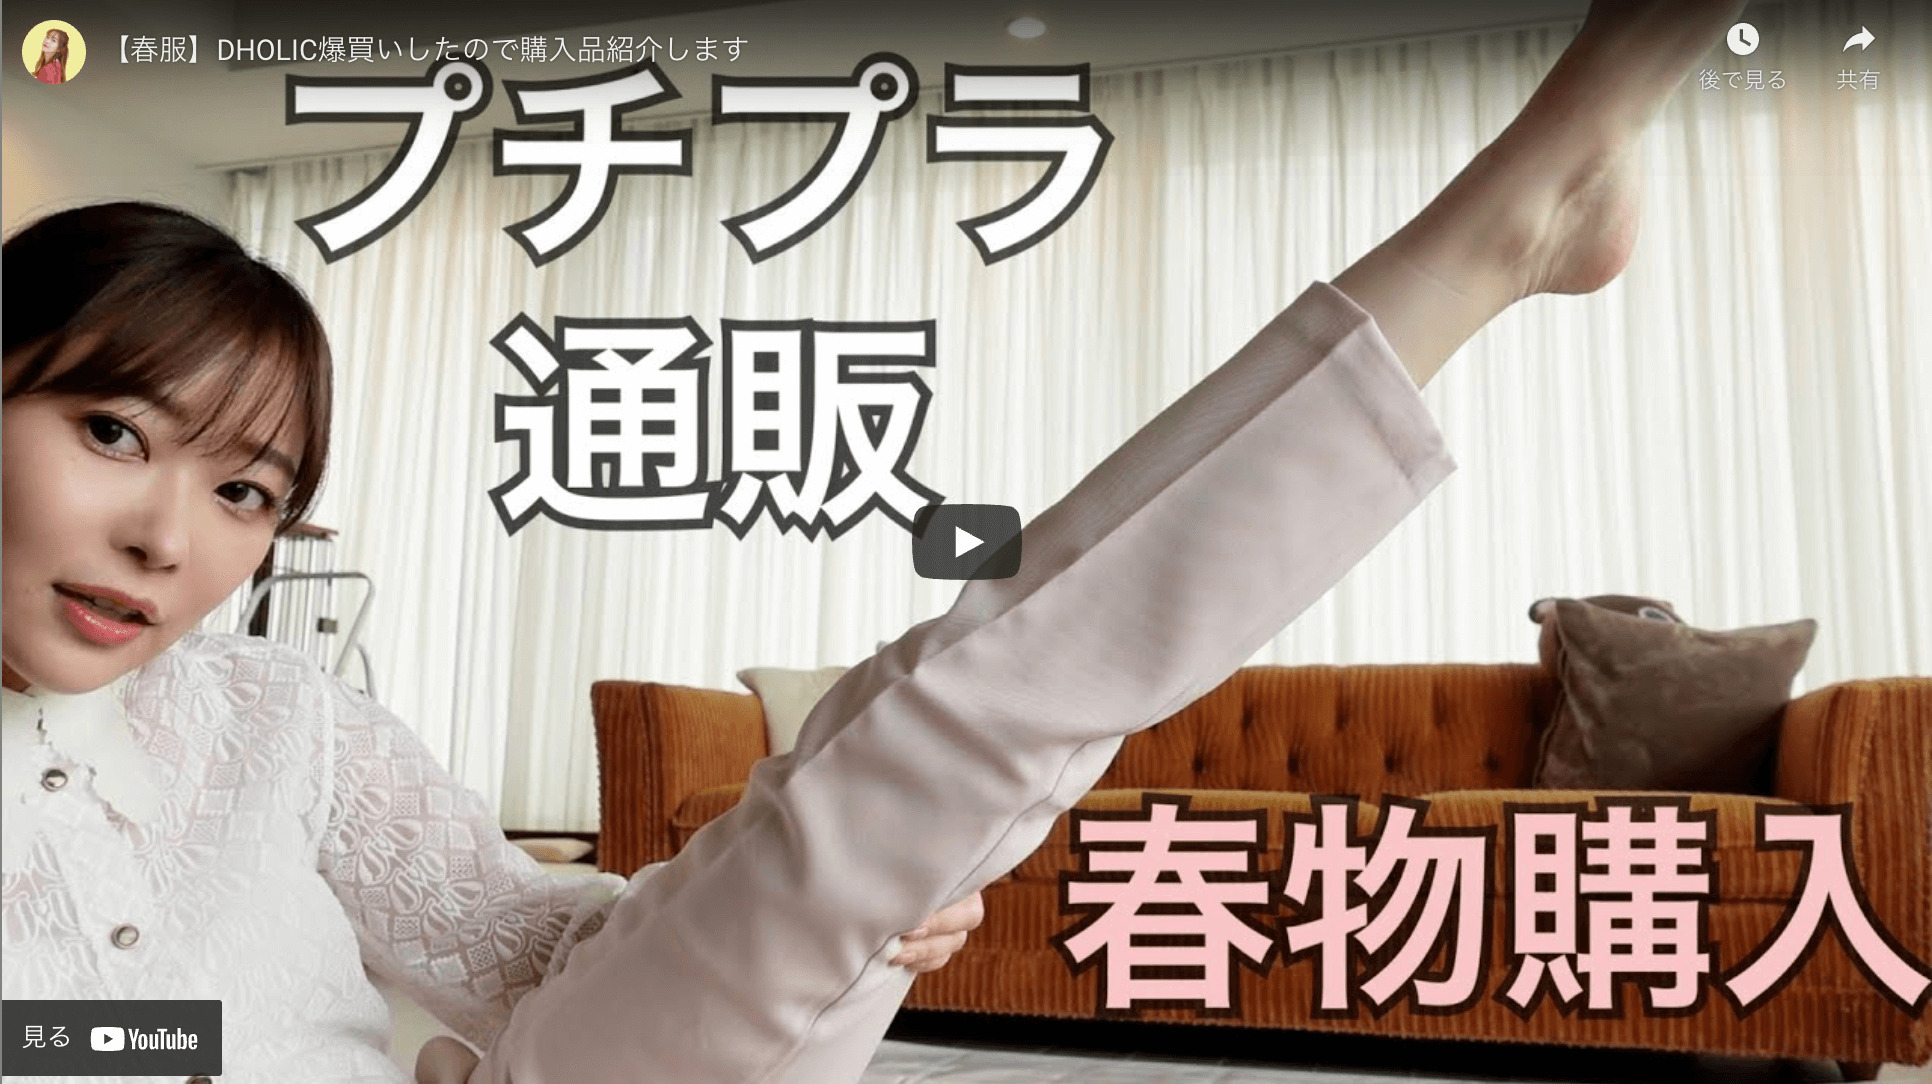 """指原莉乃さんが""""DHOLIC爆買い購入品""""を紹介する動画を公開!"""